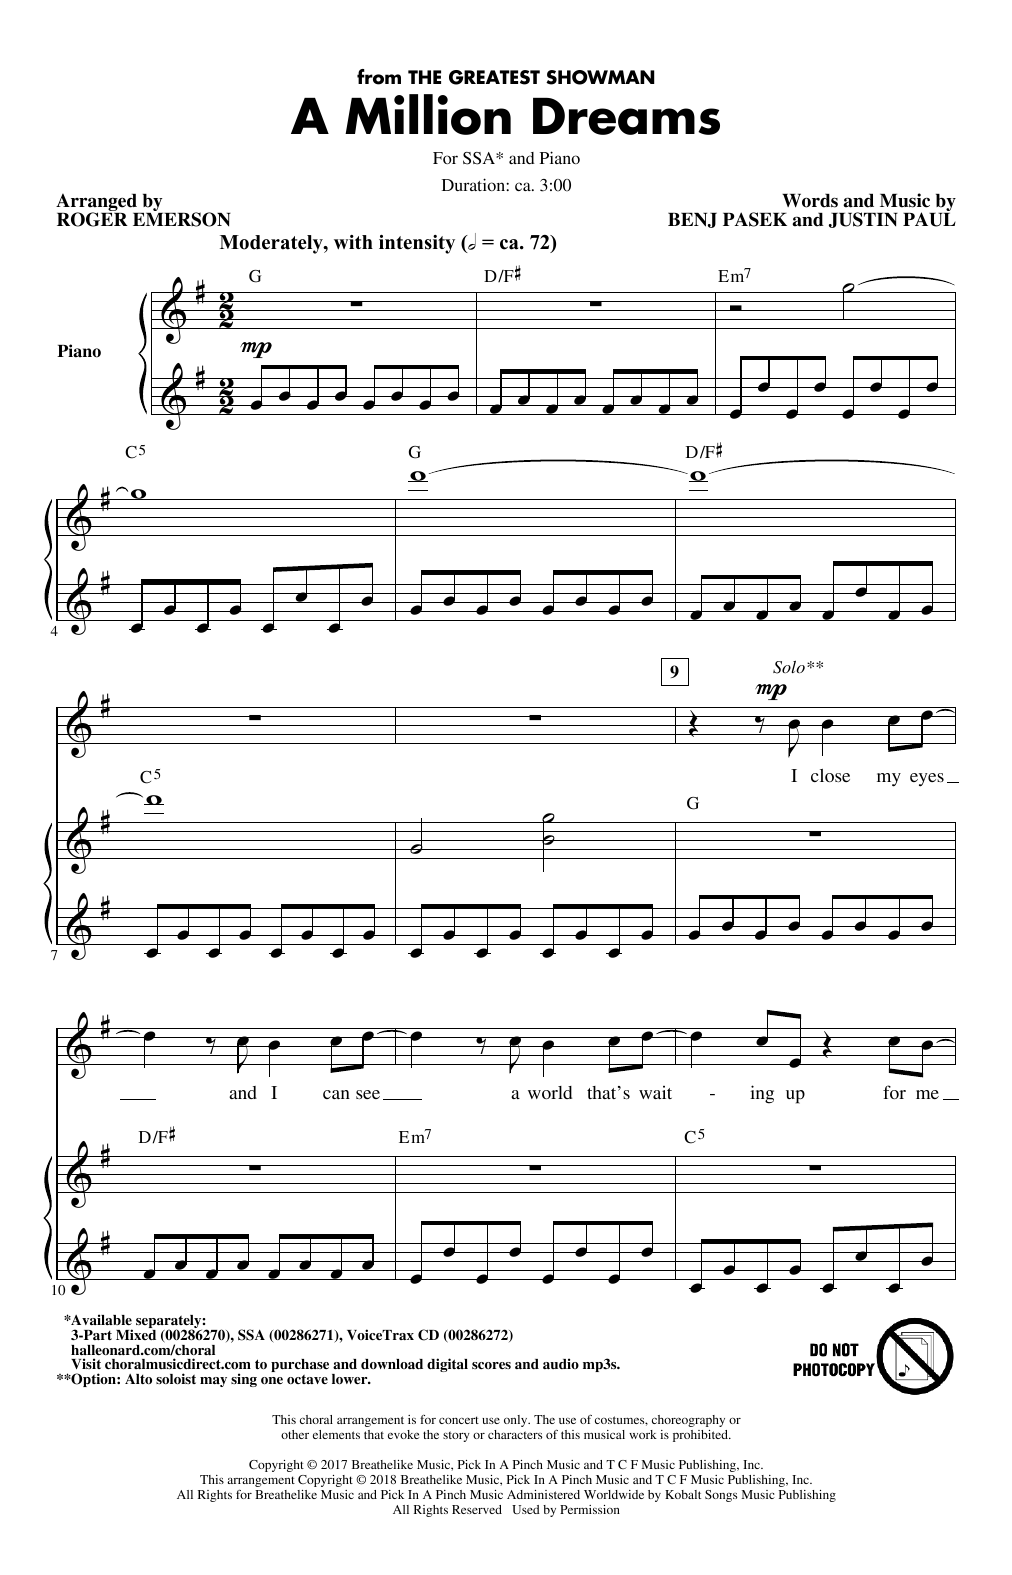 Novios download somos partitura